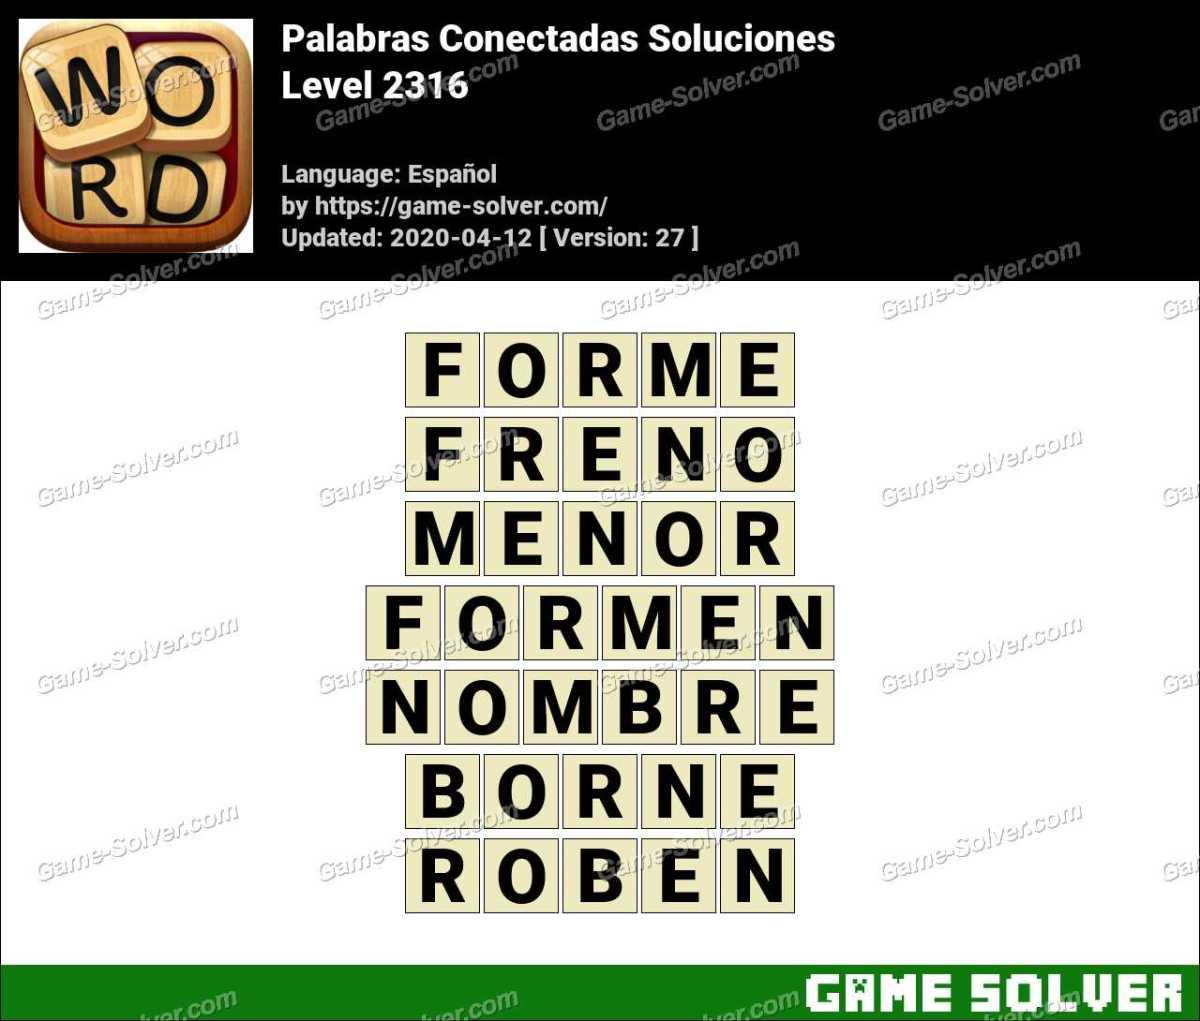 Palabras Conectadas Nivel 2316 Soluciones